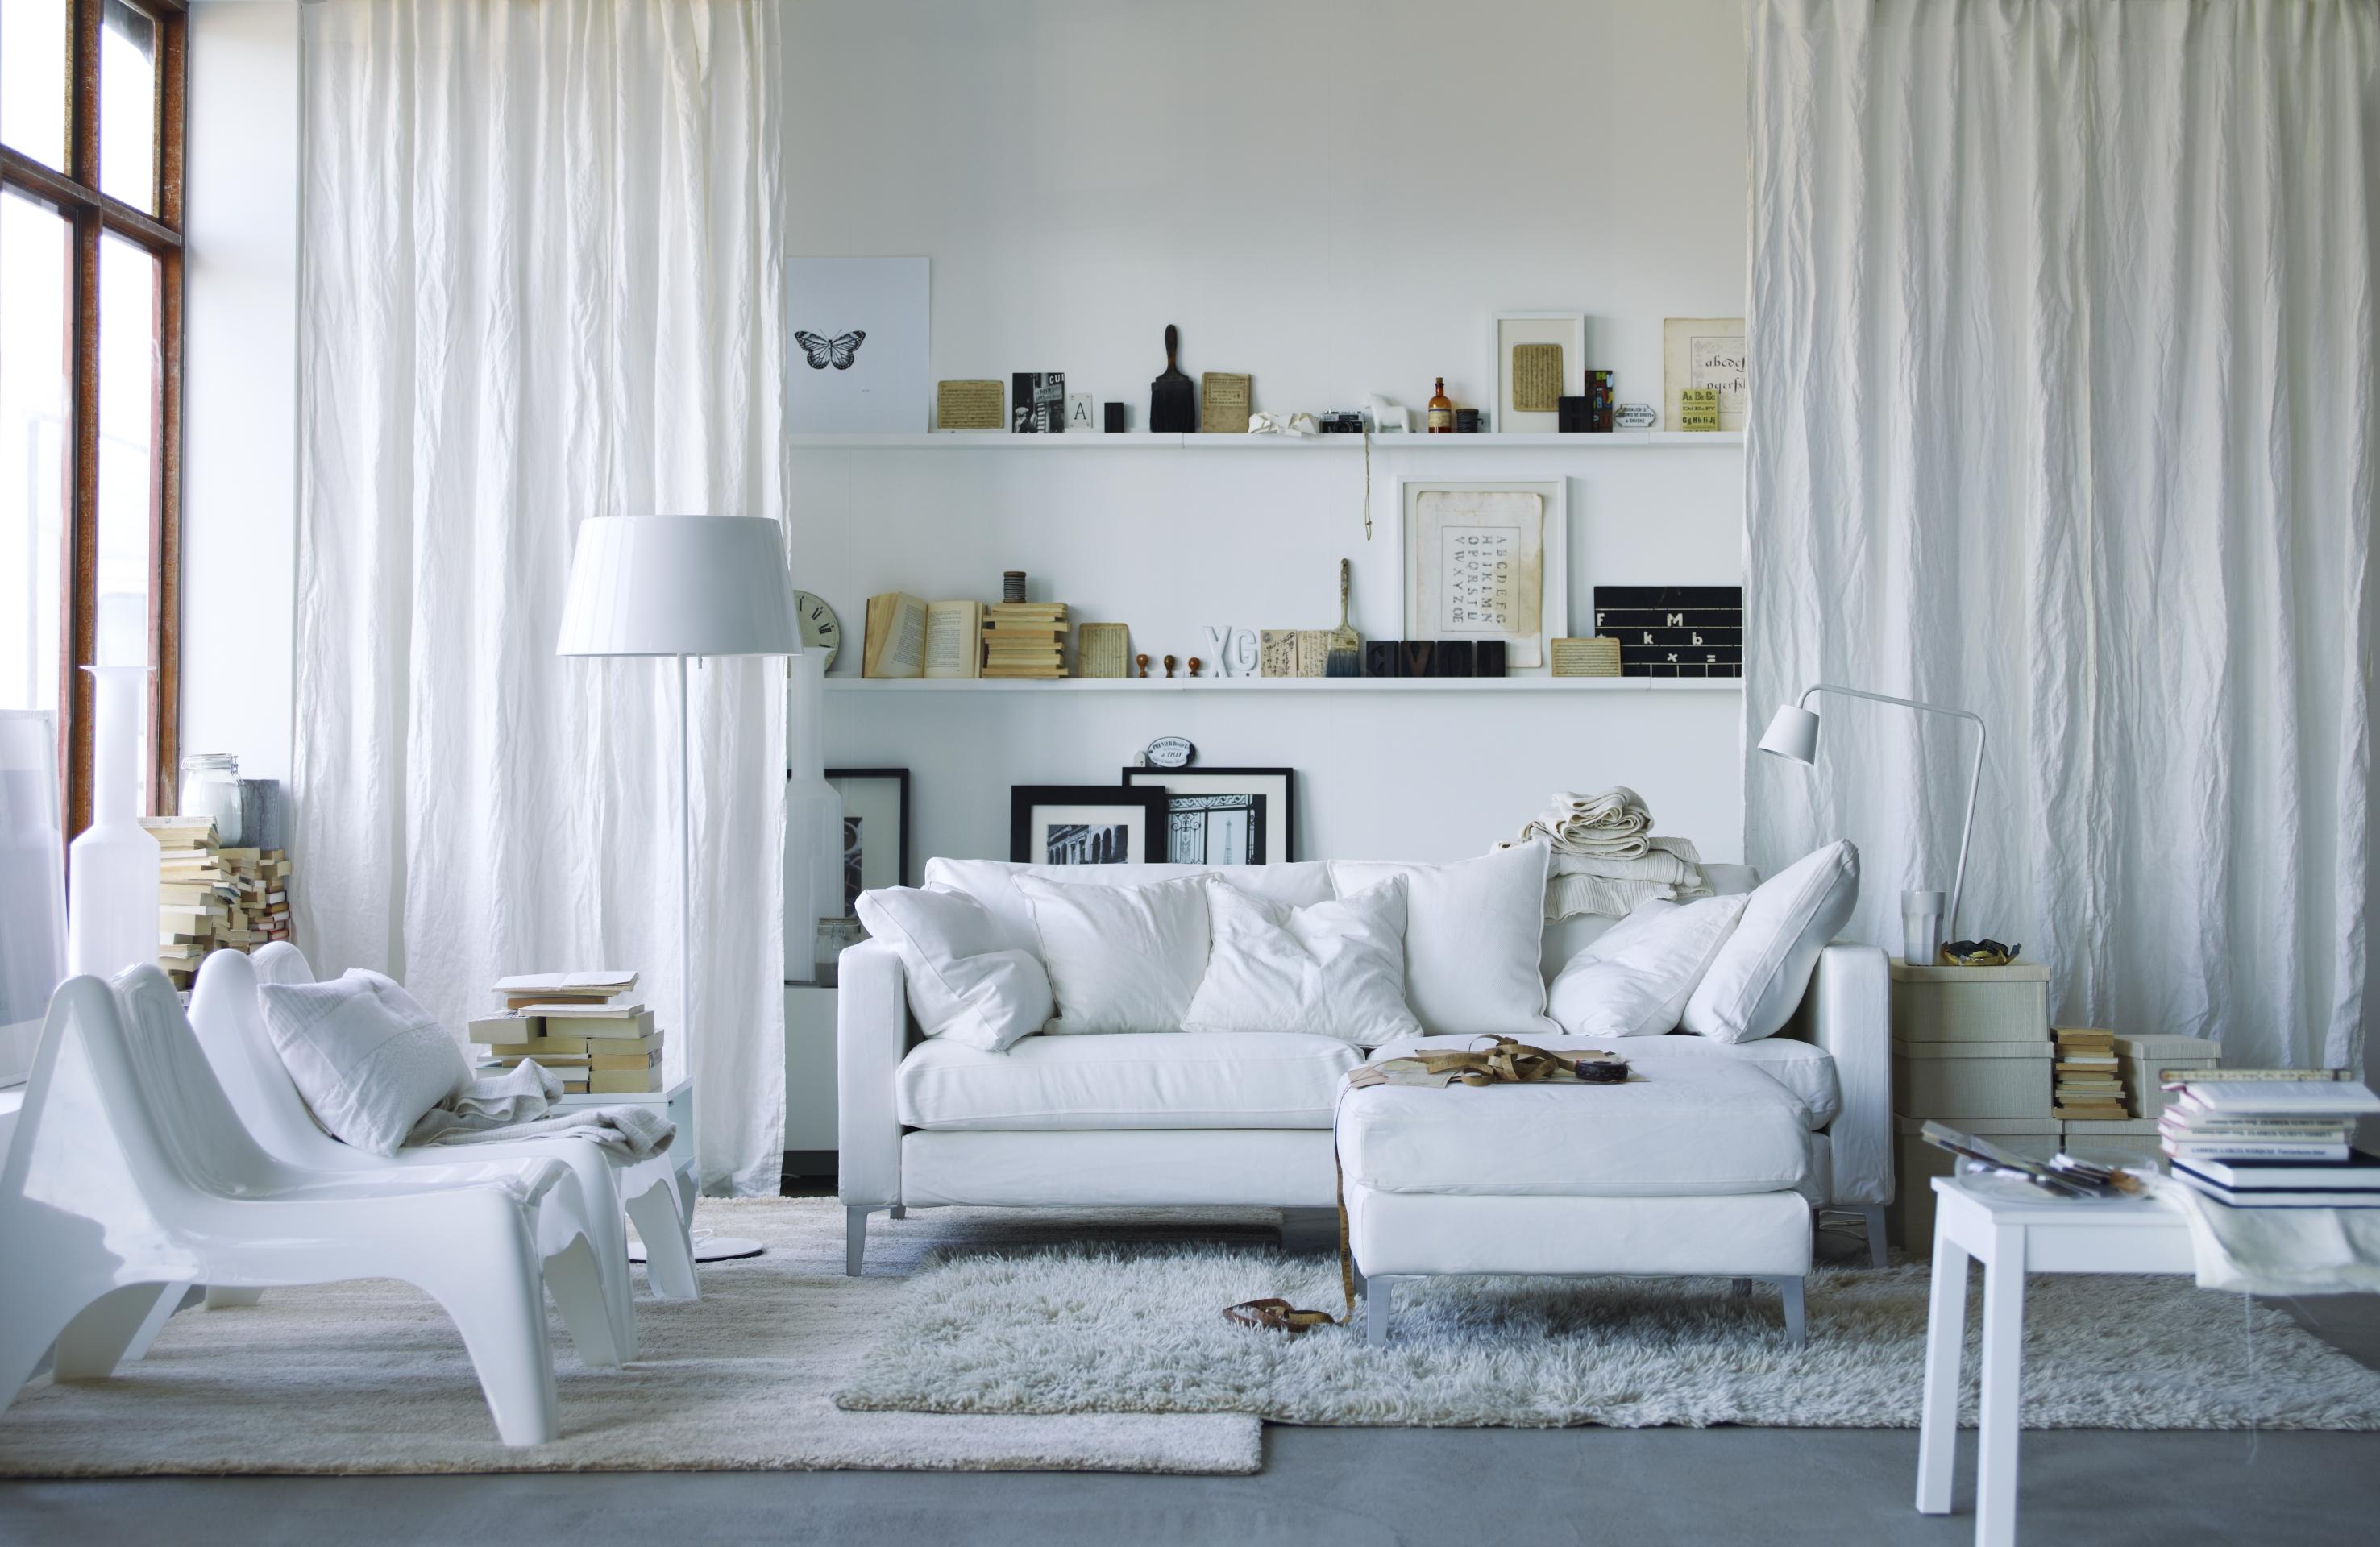 Мебель Икеа в интерьере: как оформить стильный и практичный дизайн?